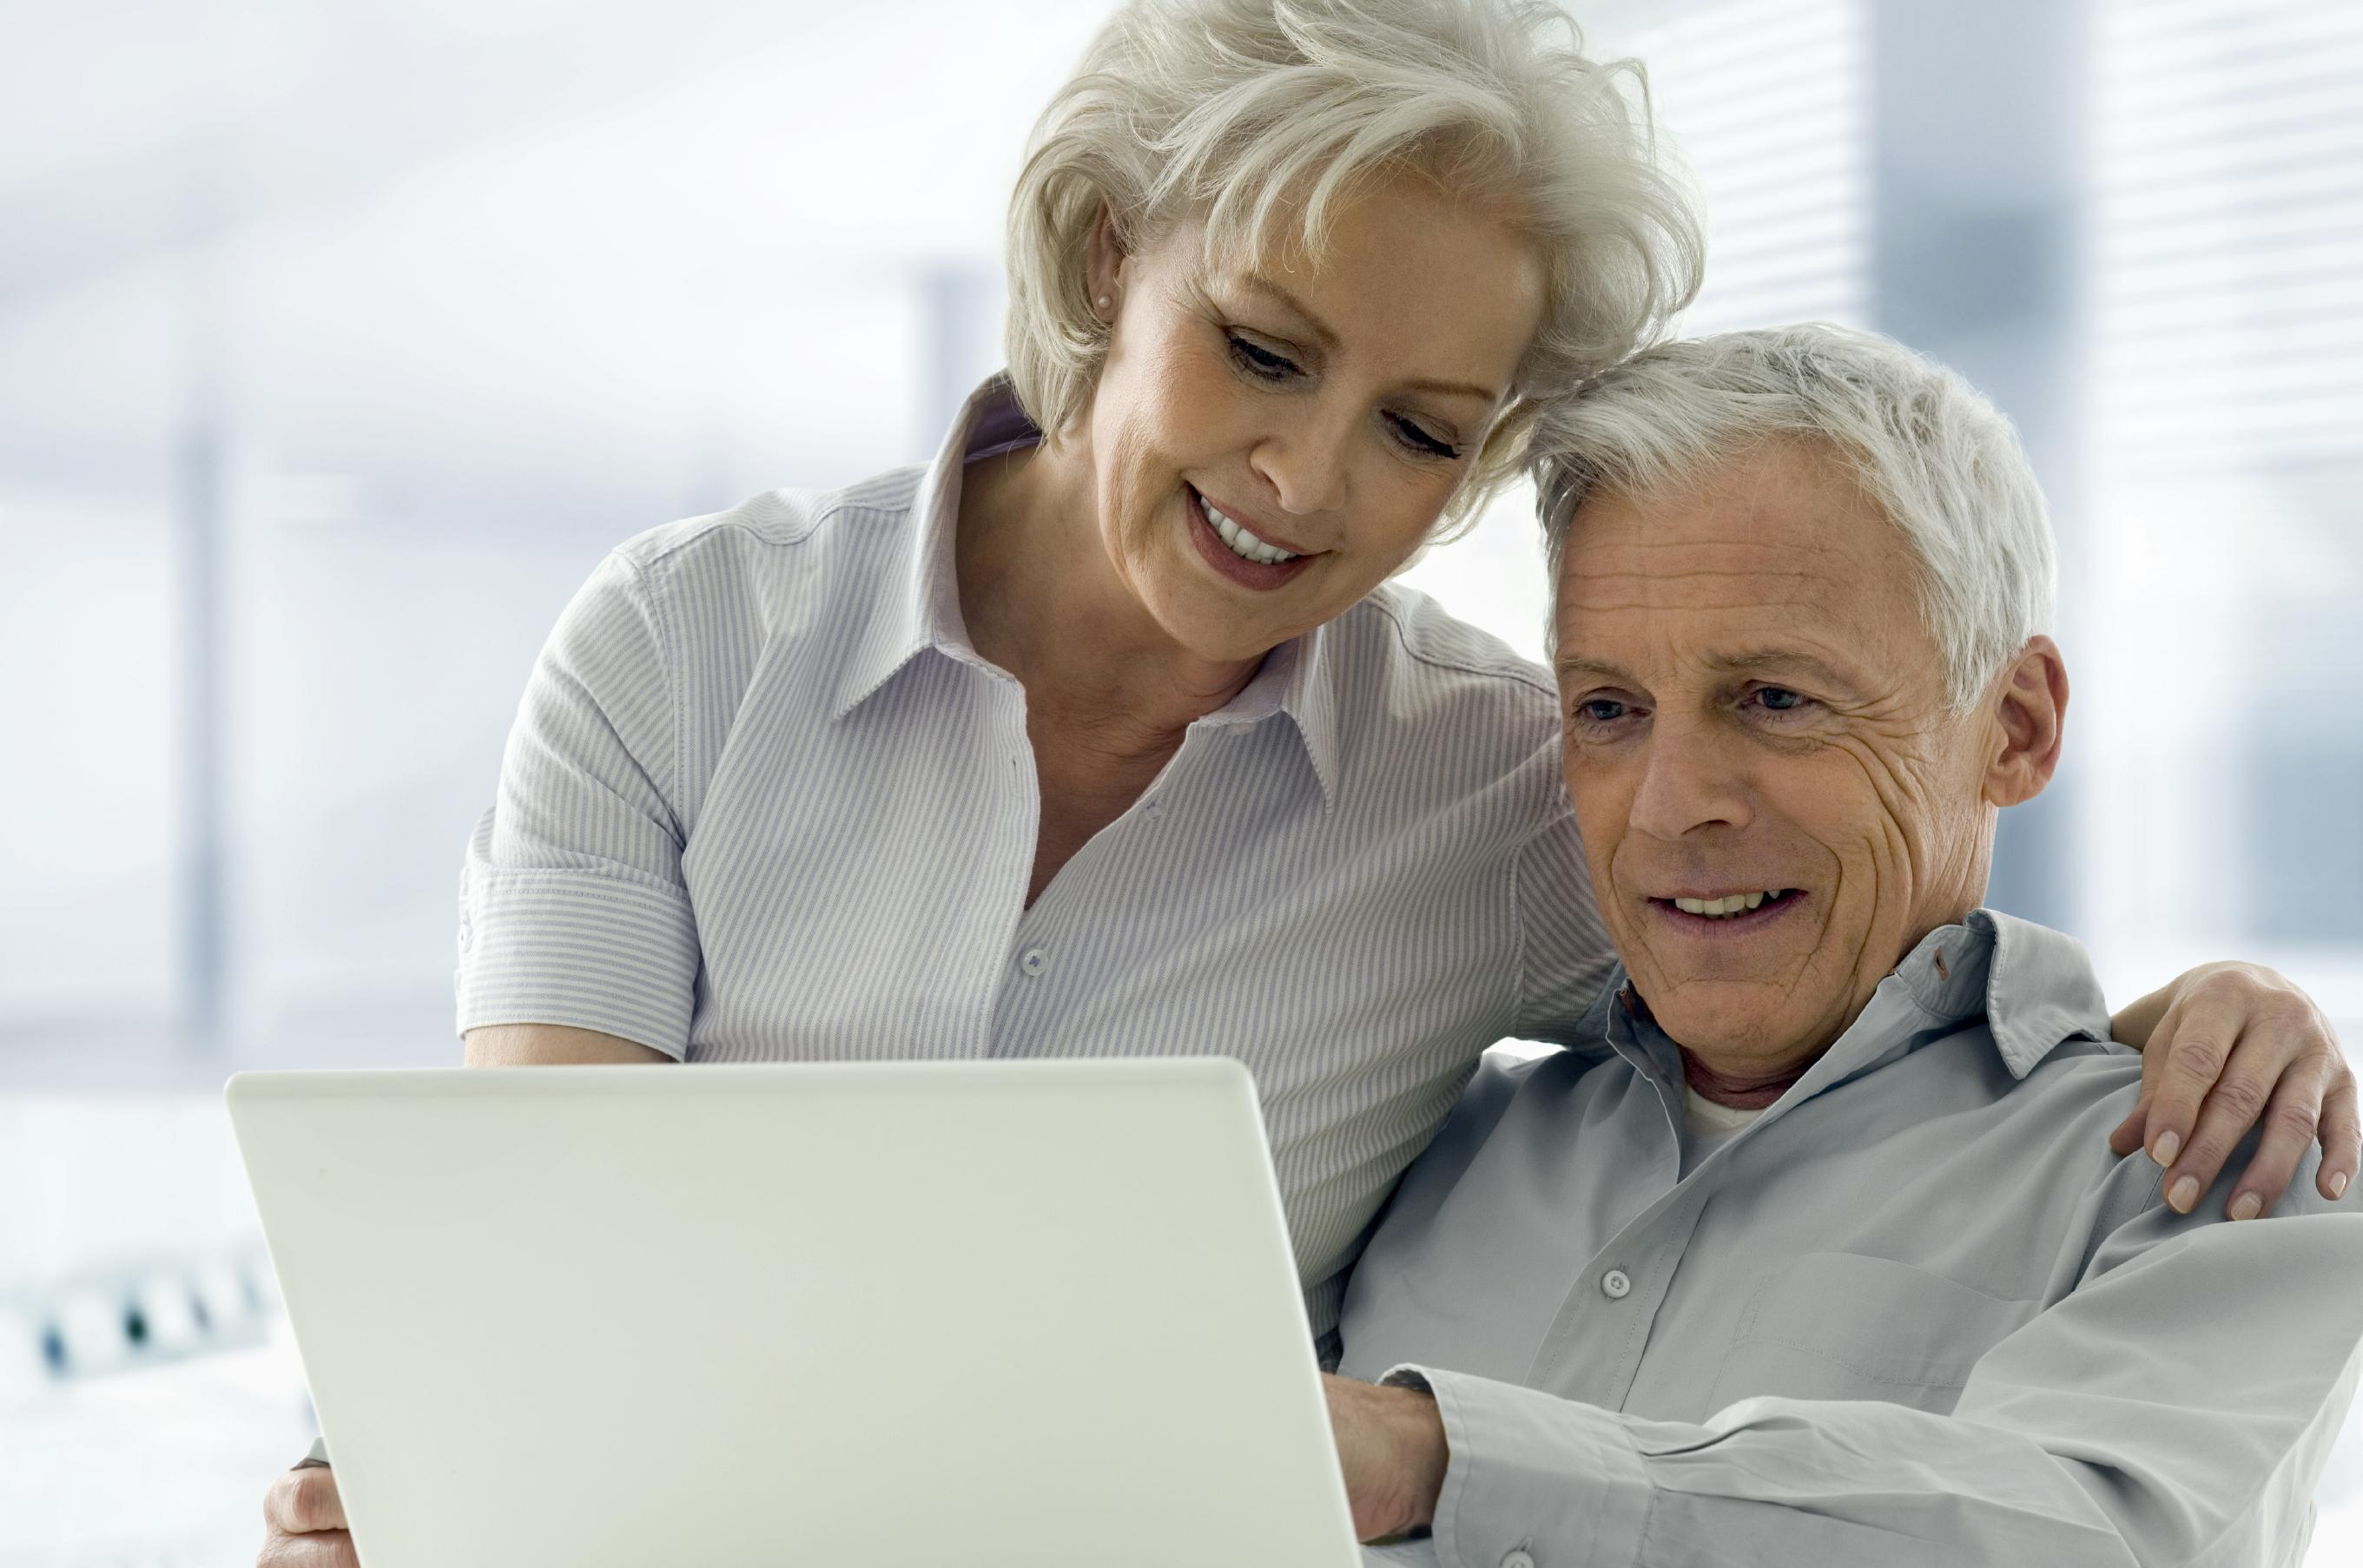 Couples sex online